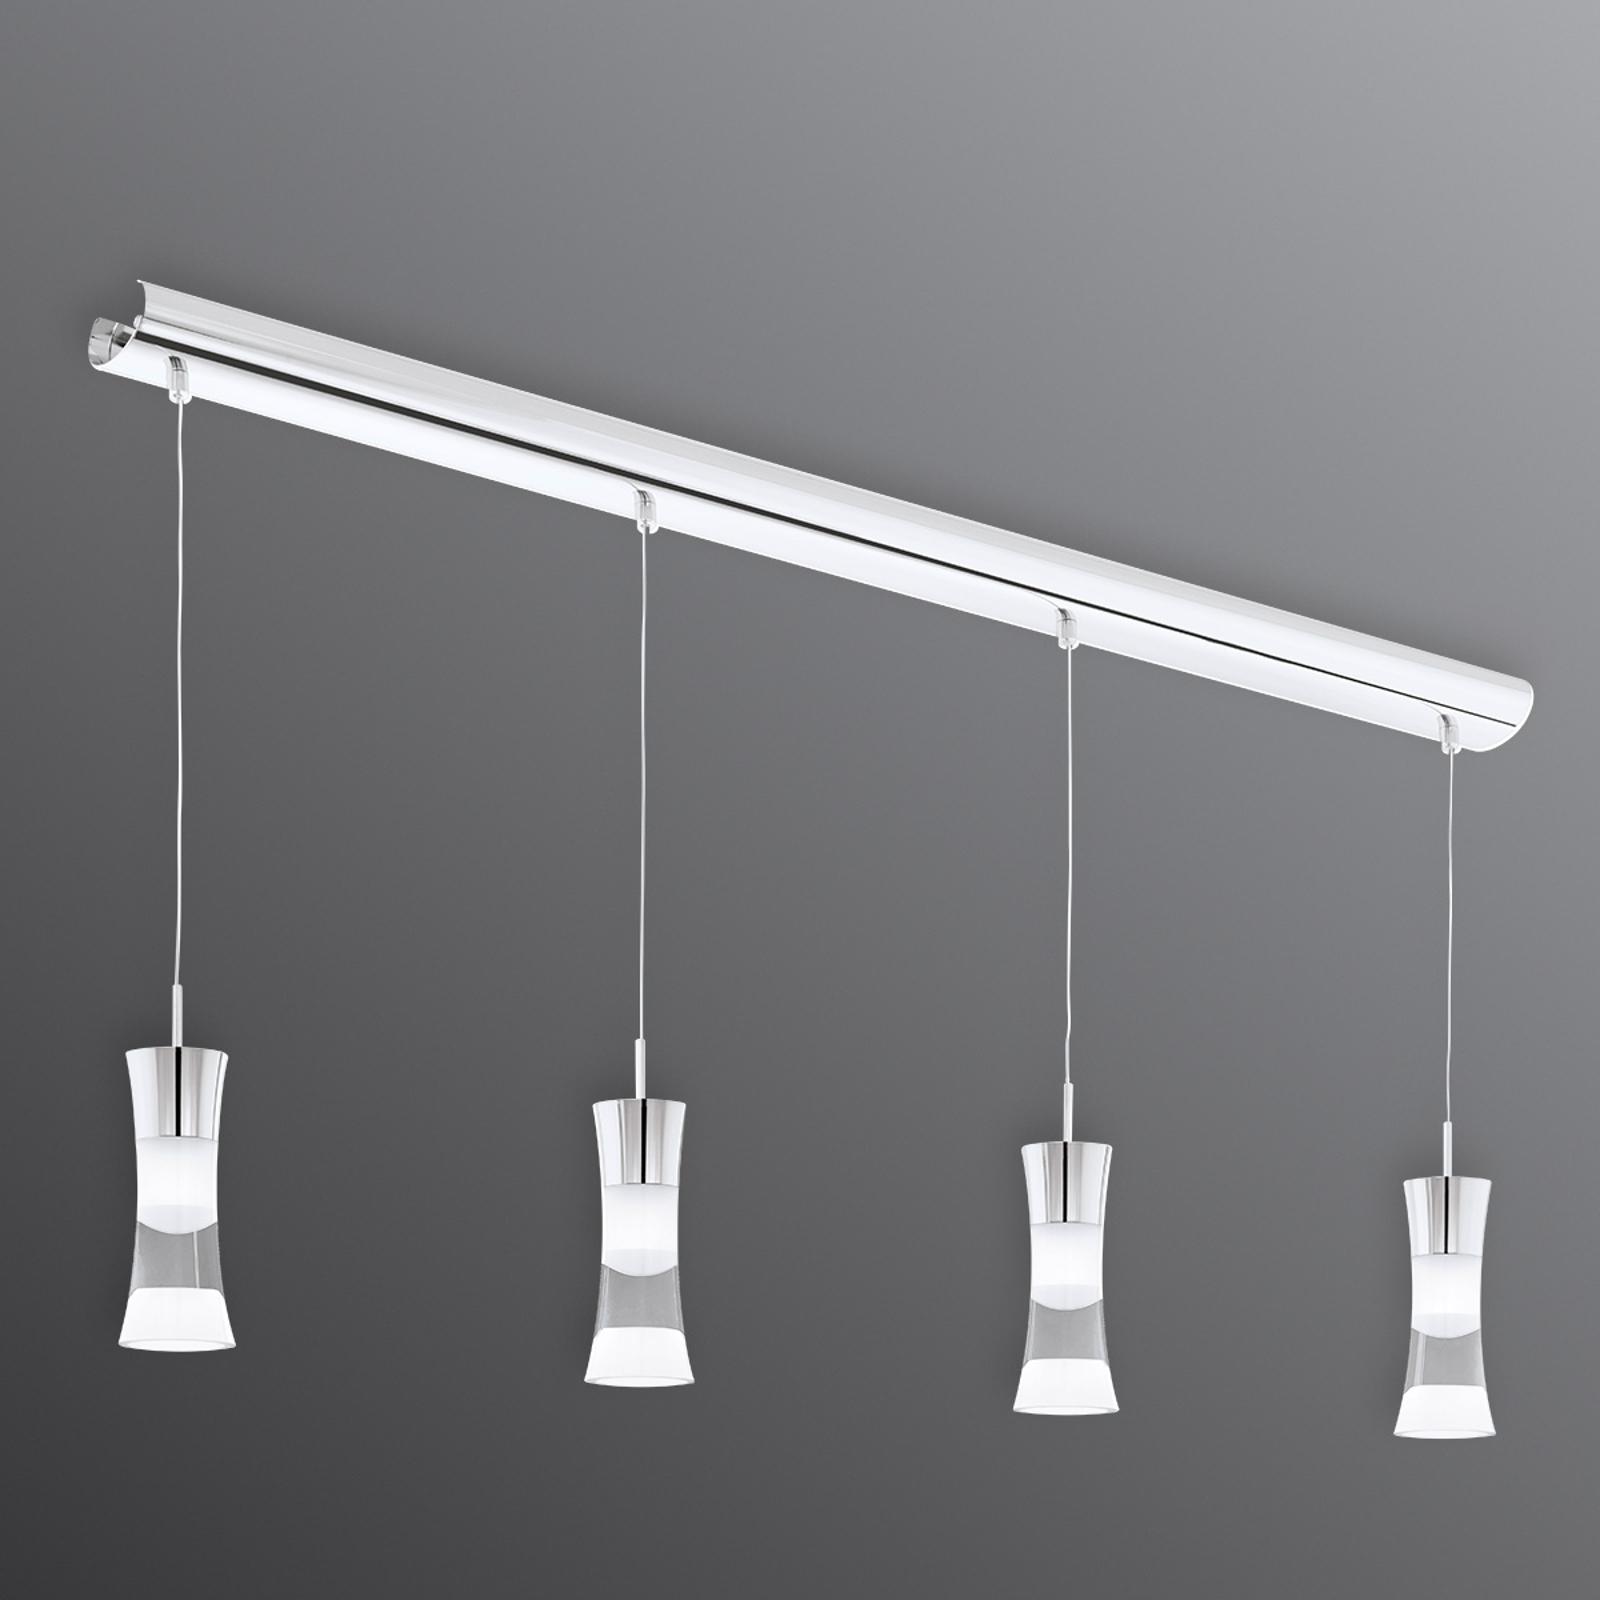 4 lysk. LED-pendellampen Pancento af stål